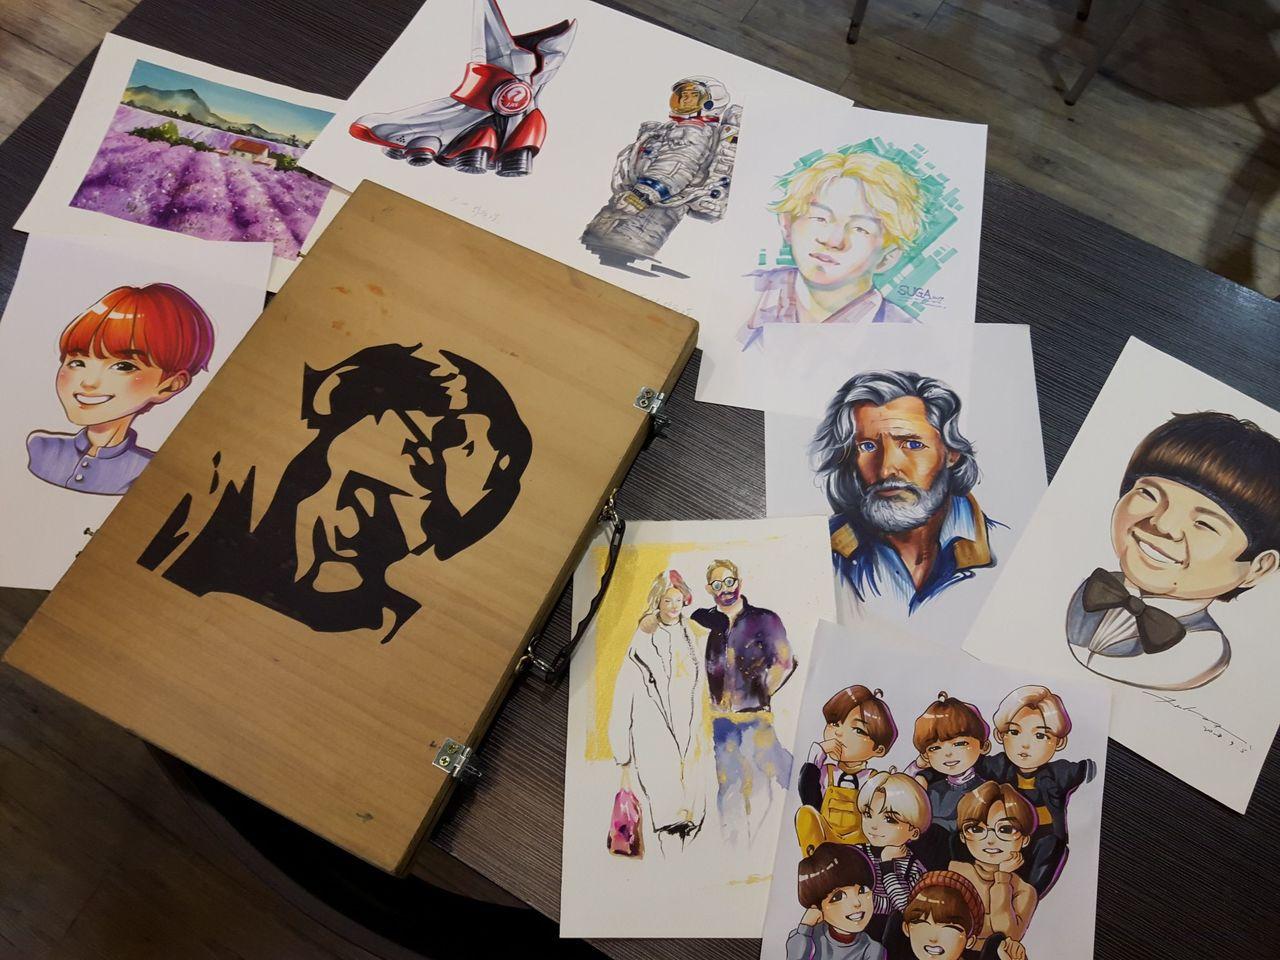 參加Q版人物義畫的高中生,繪畫作品多樣化。(記者蔡怡真/攝影)